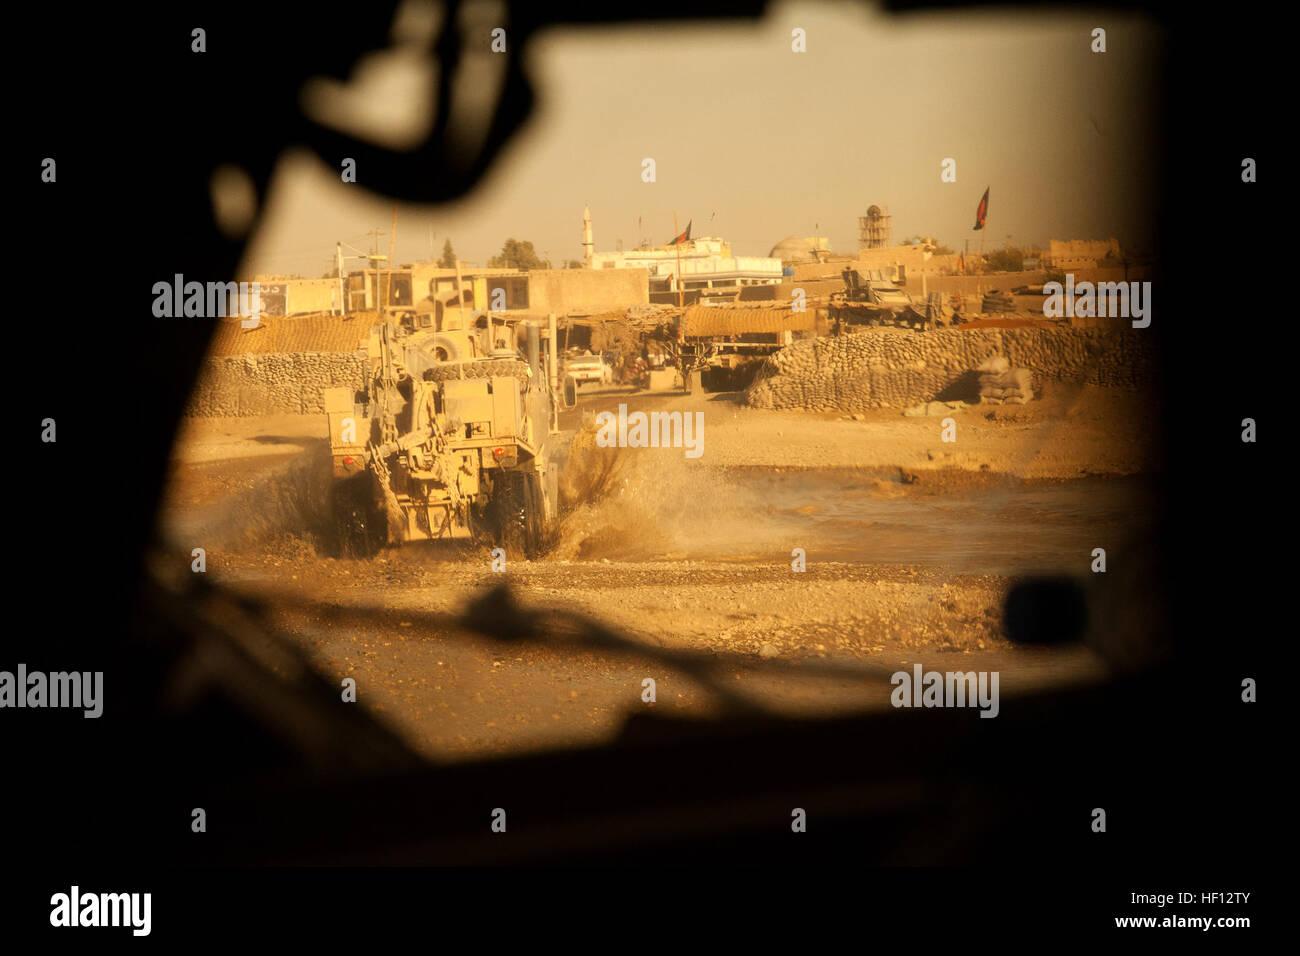 US-Marines zugewiesen Motor Transport Zug, Fox Company, 2. Bataillon, 7. Marine Regiment (2/7), eine Konvoi-Mission in der Provinz Helmand, Afghanistan, 26. November 2012 durchzuführen. Die Marines von 2/7 im Einsatz in Afghanistan zur Unterstützung der Operation Enduring Freedom. (Foto: U.S. Marine Corps CPL. Alejandro Pena/freigegeben) Motor-T Zug Konvoi 121126-M-YH552-495 Stockfoto